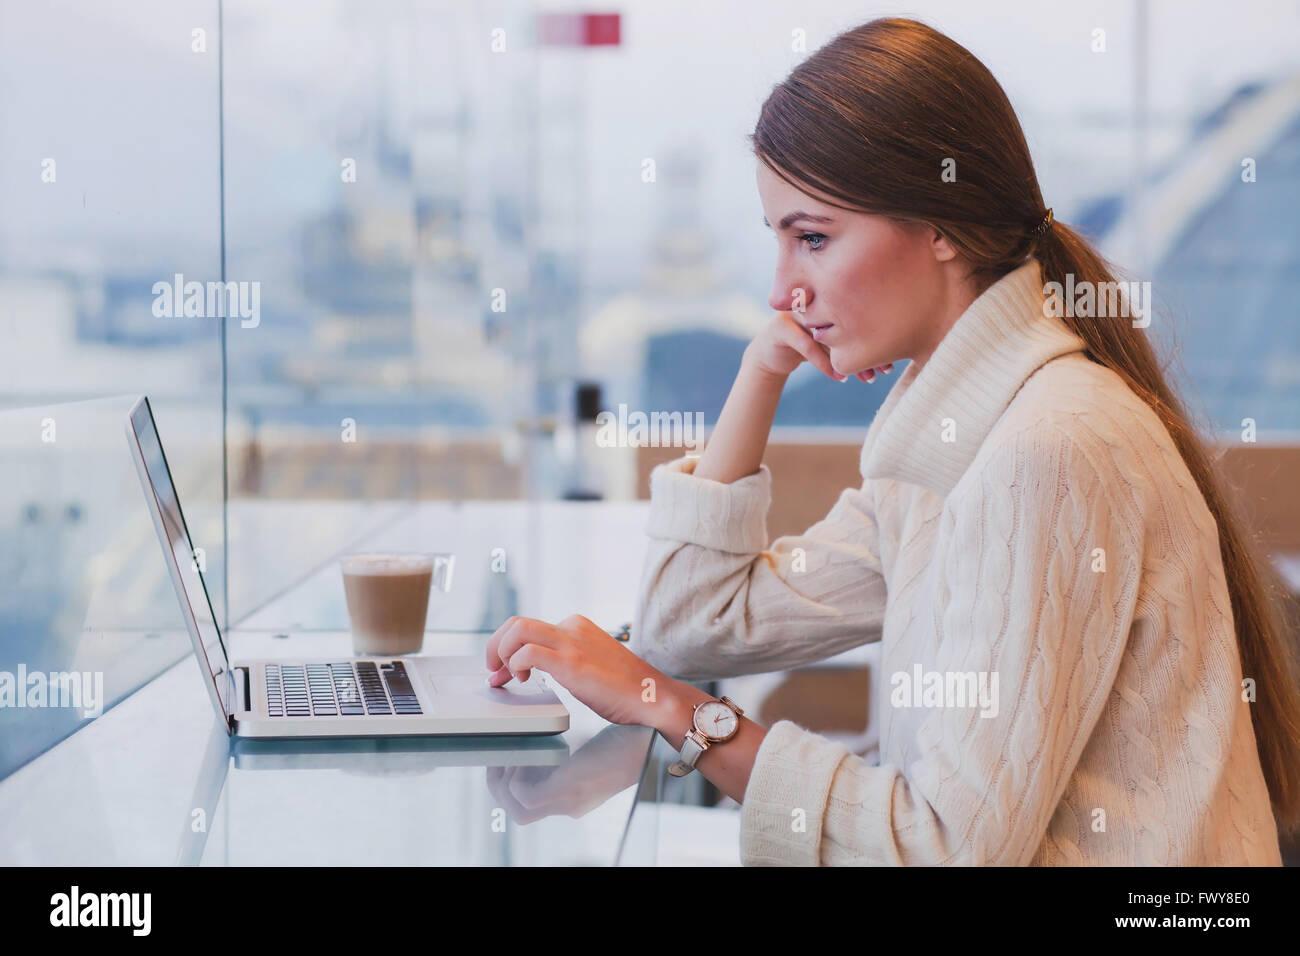 Mujer con laptop en la moderna cafetería interior, wifi gratuito, comprobar el correo electrónico Imagen De Stock